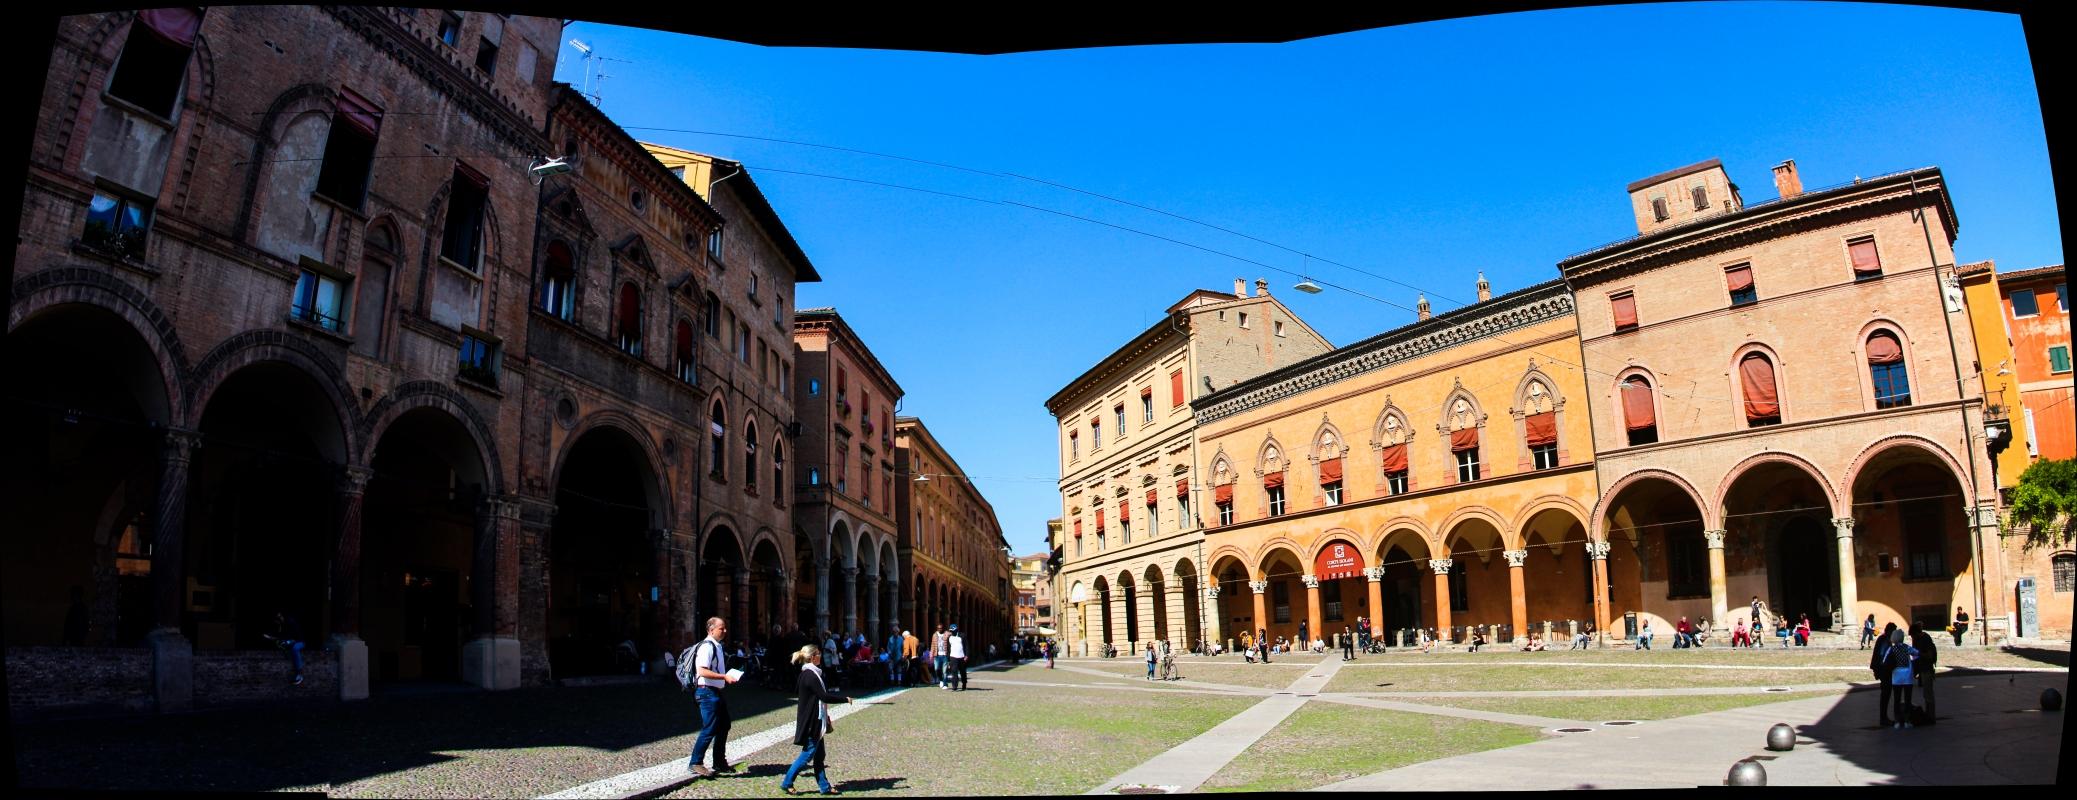 """Piazza Santo Stefano o""""Piazza delle Sette Chiese - Napster81 - Bologna (BO)"""